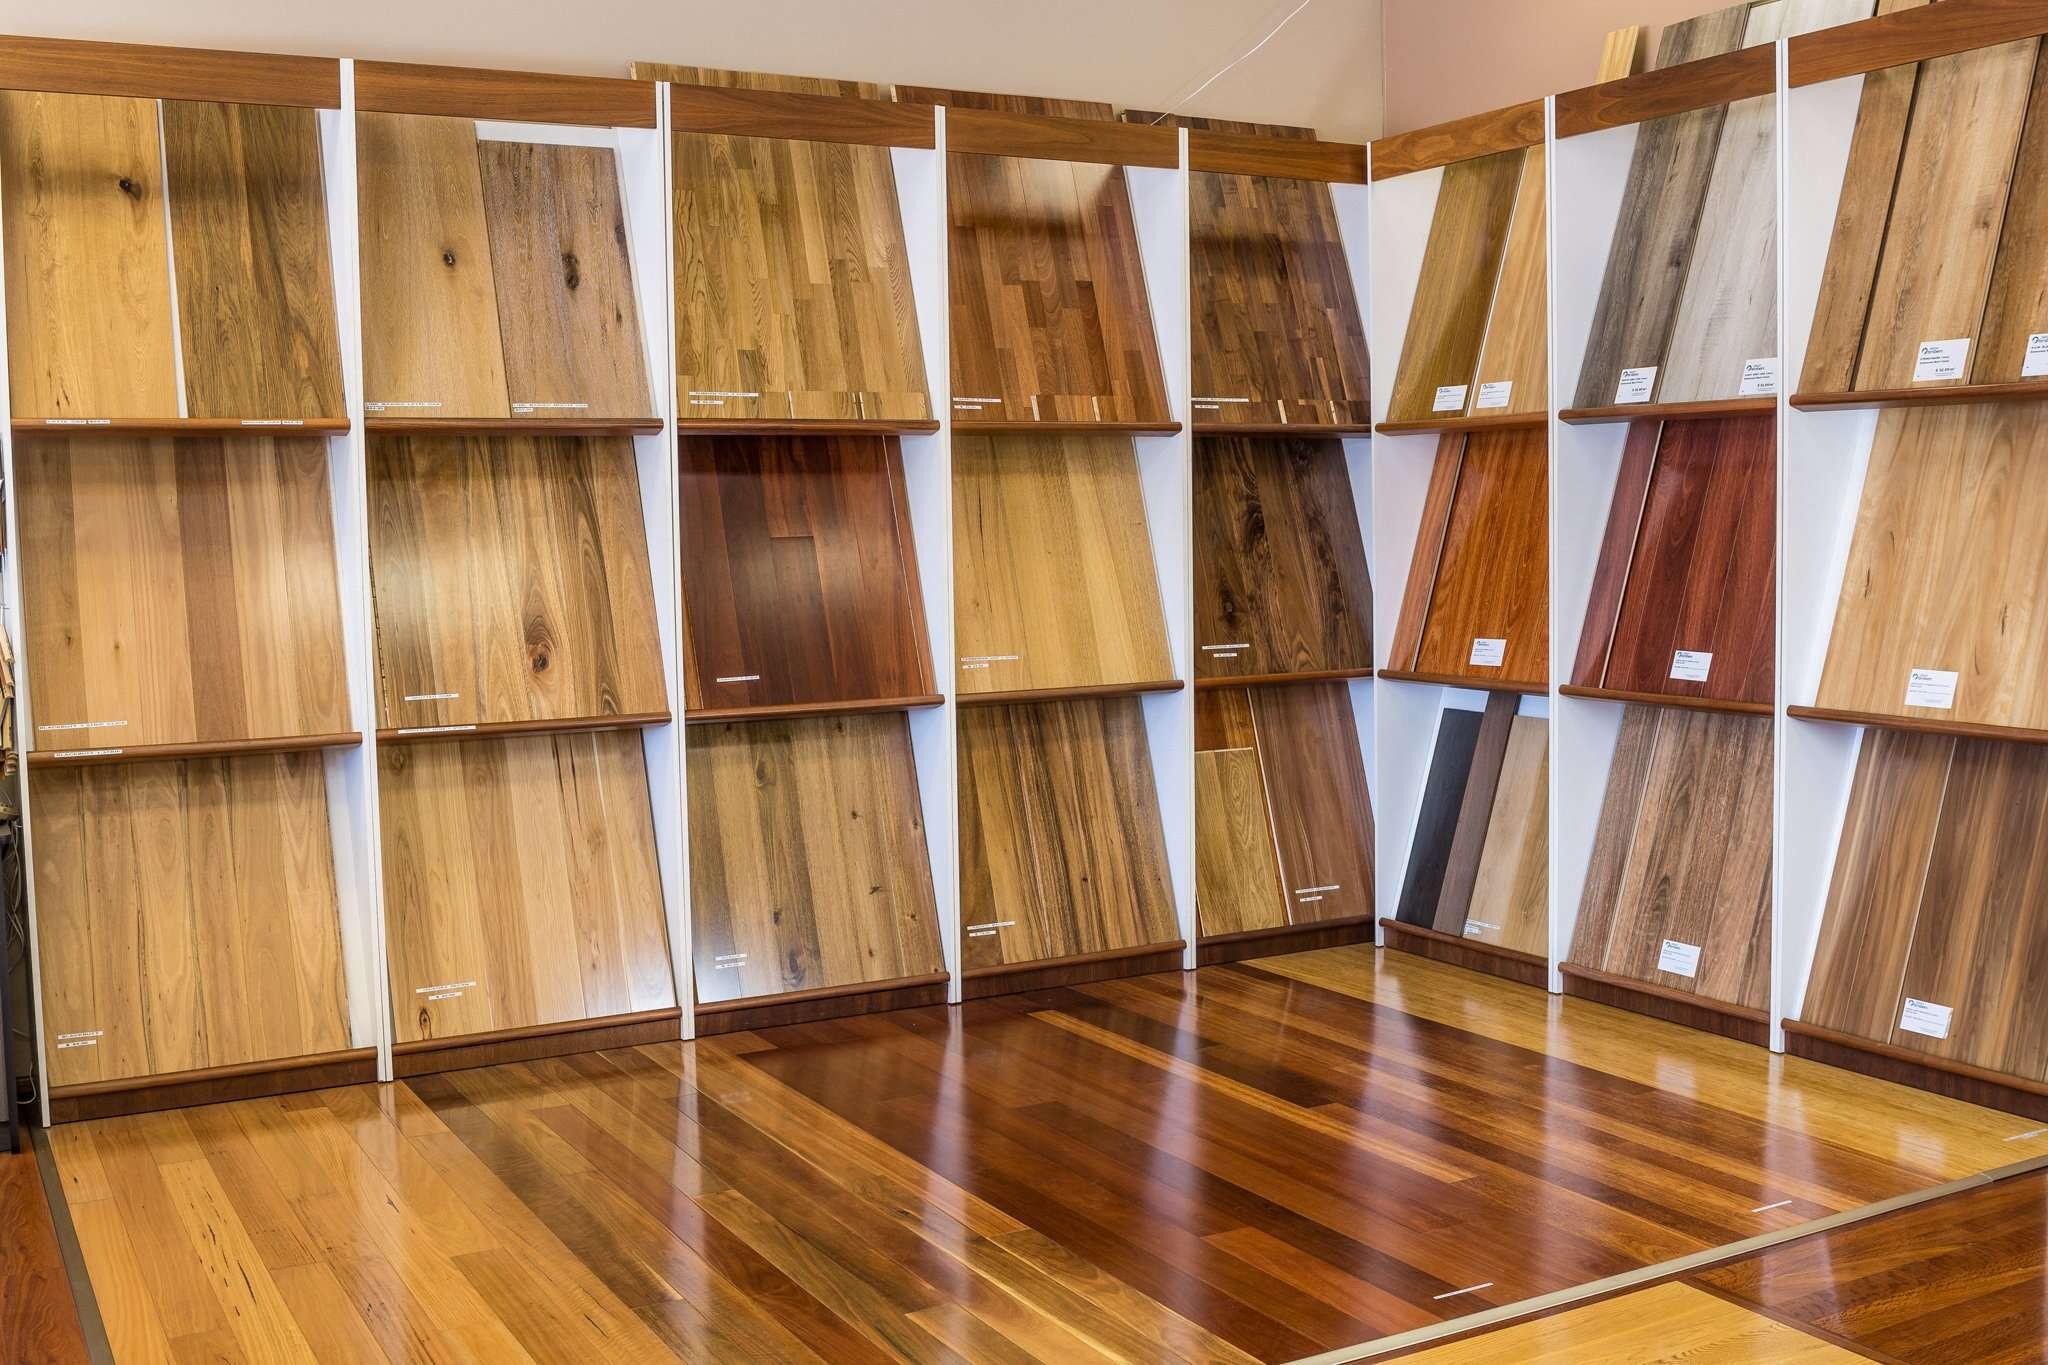 average price per square foot hardwood floors of wood floor price lists a1 wood floors in 12mm laminate on sale 28 00 ma²